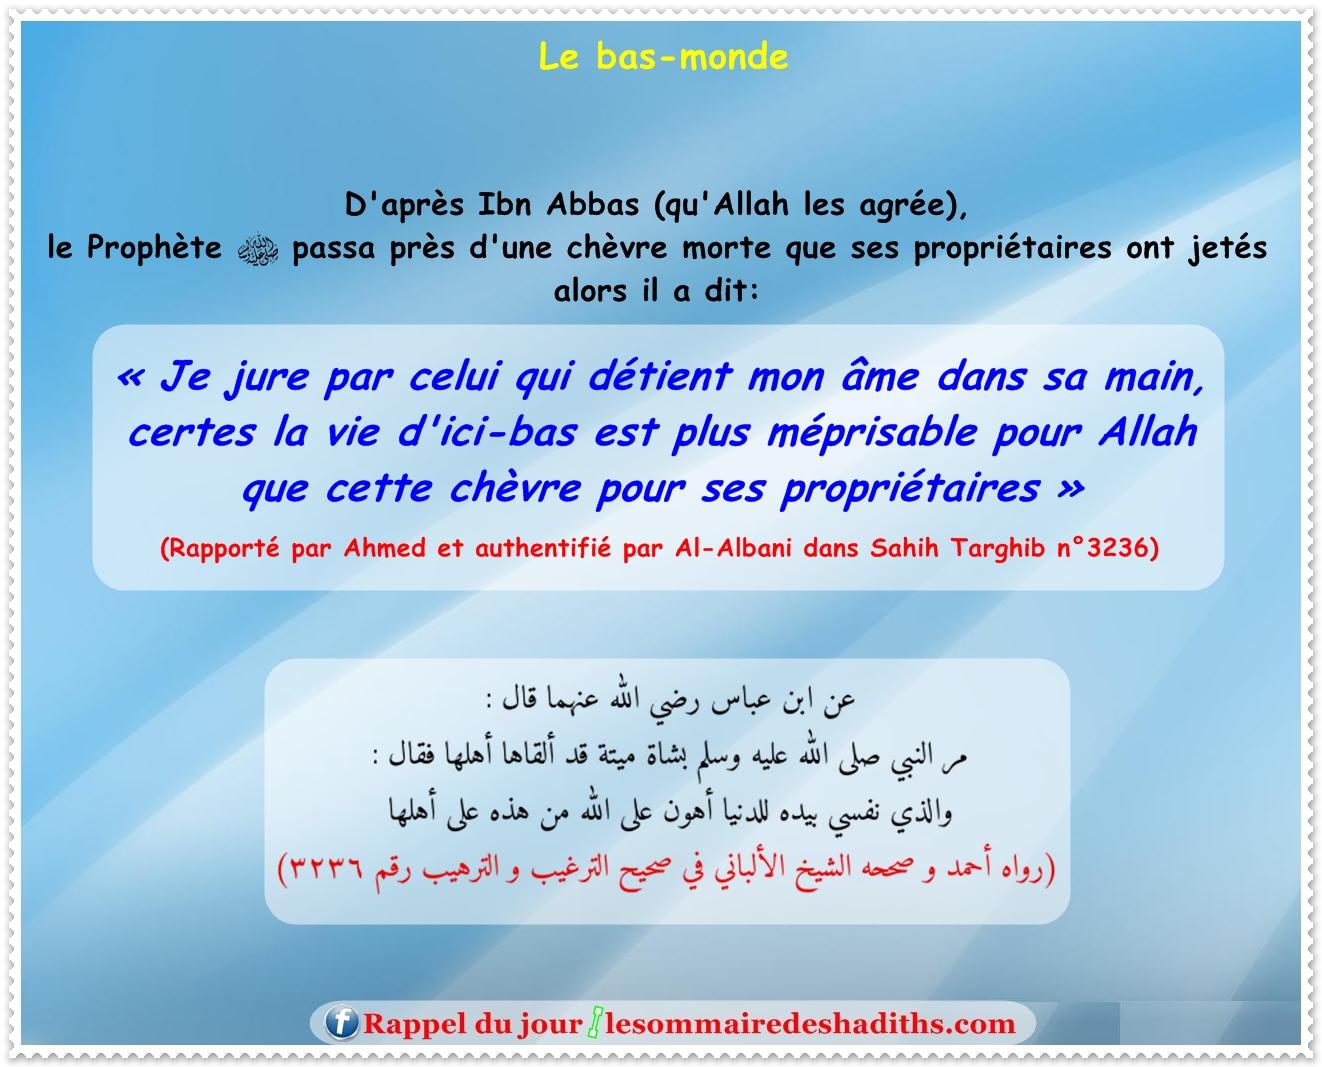 Le bas-monde (Ibn Abbas)